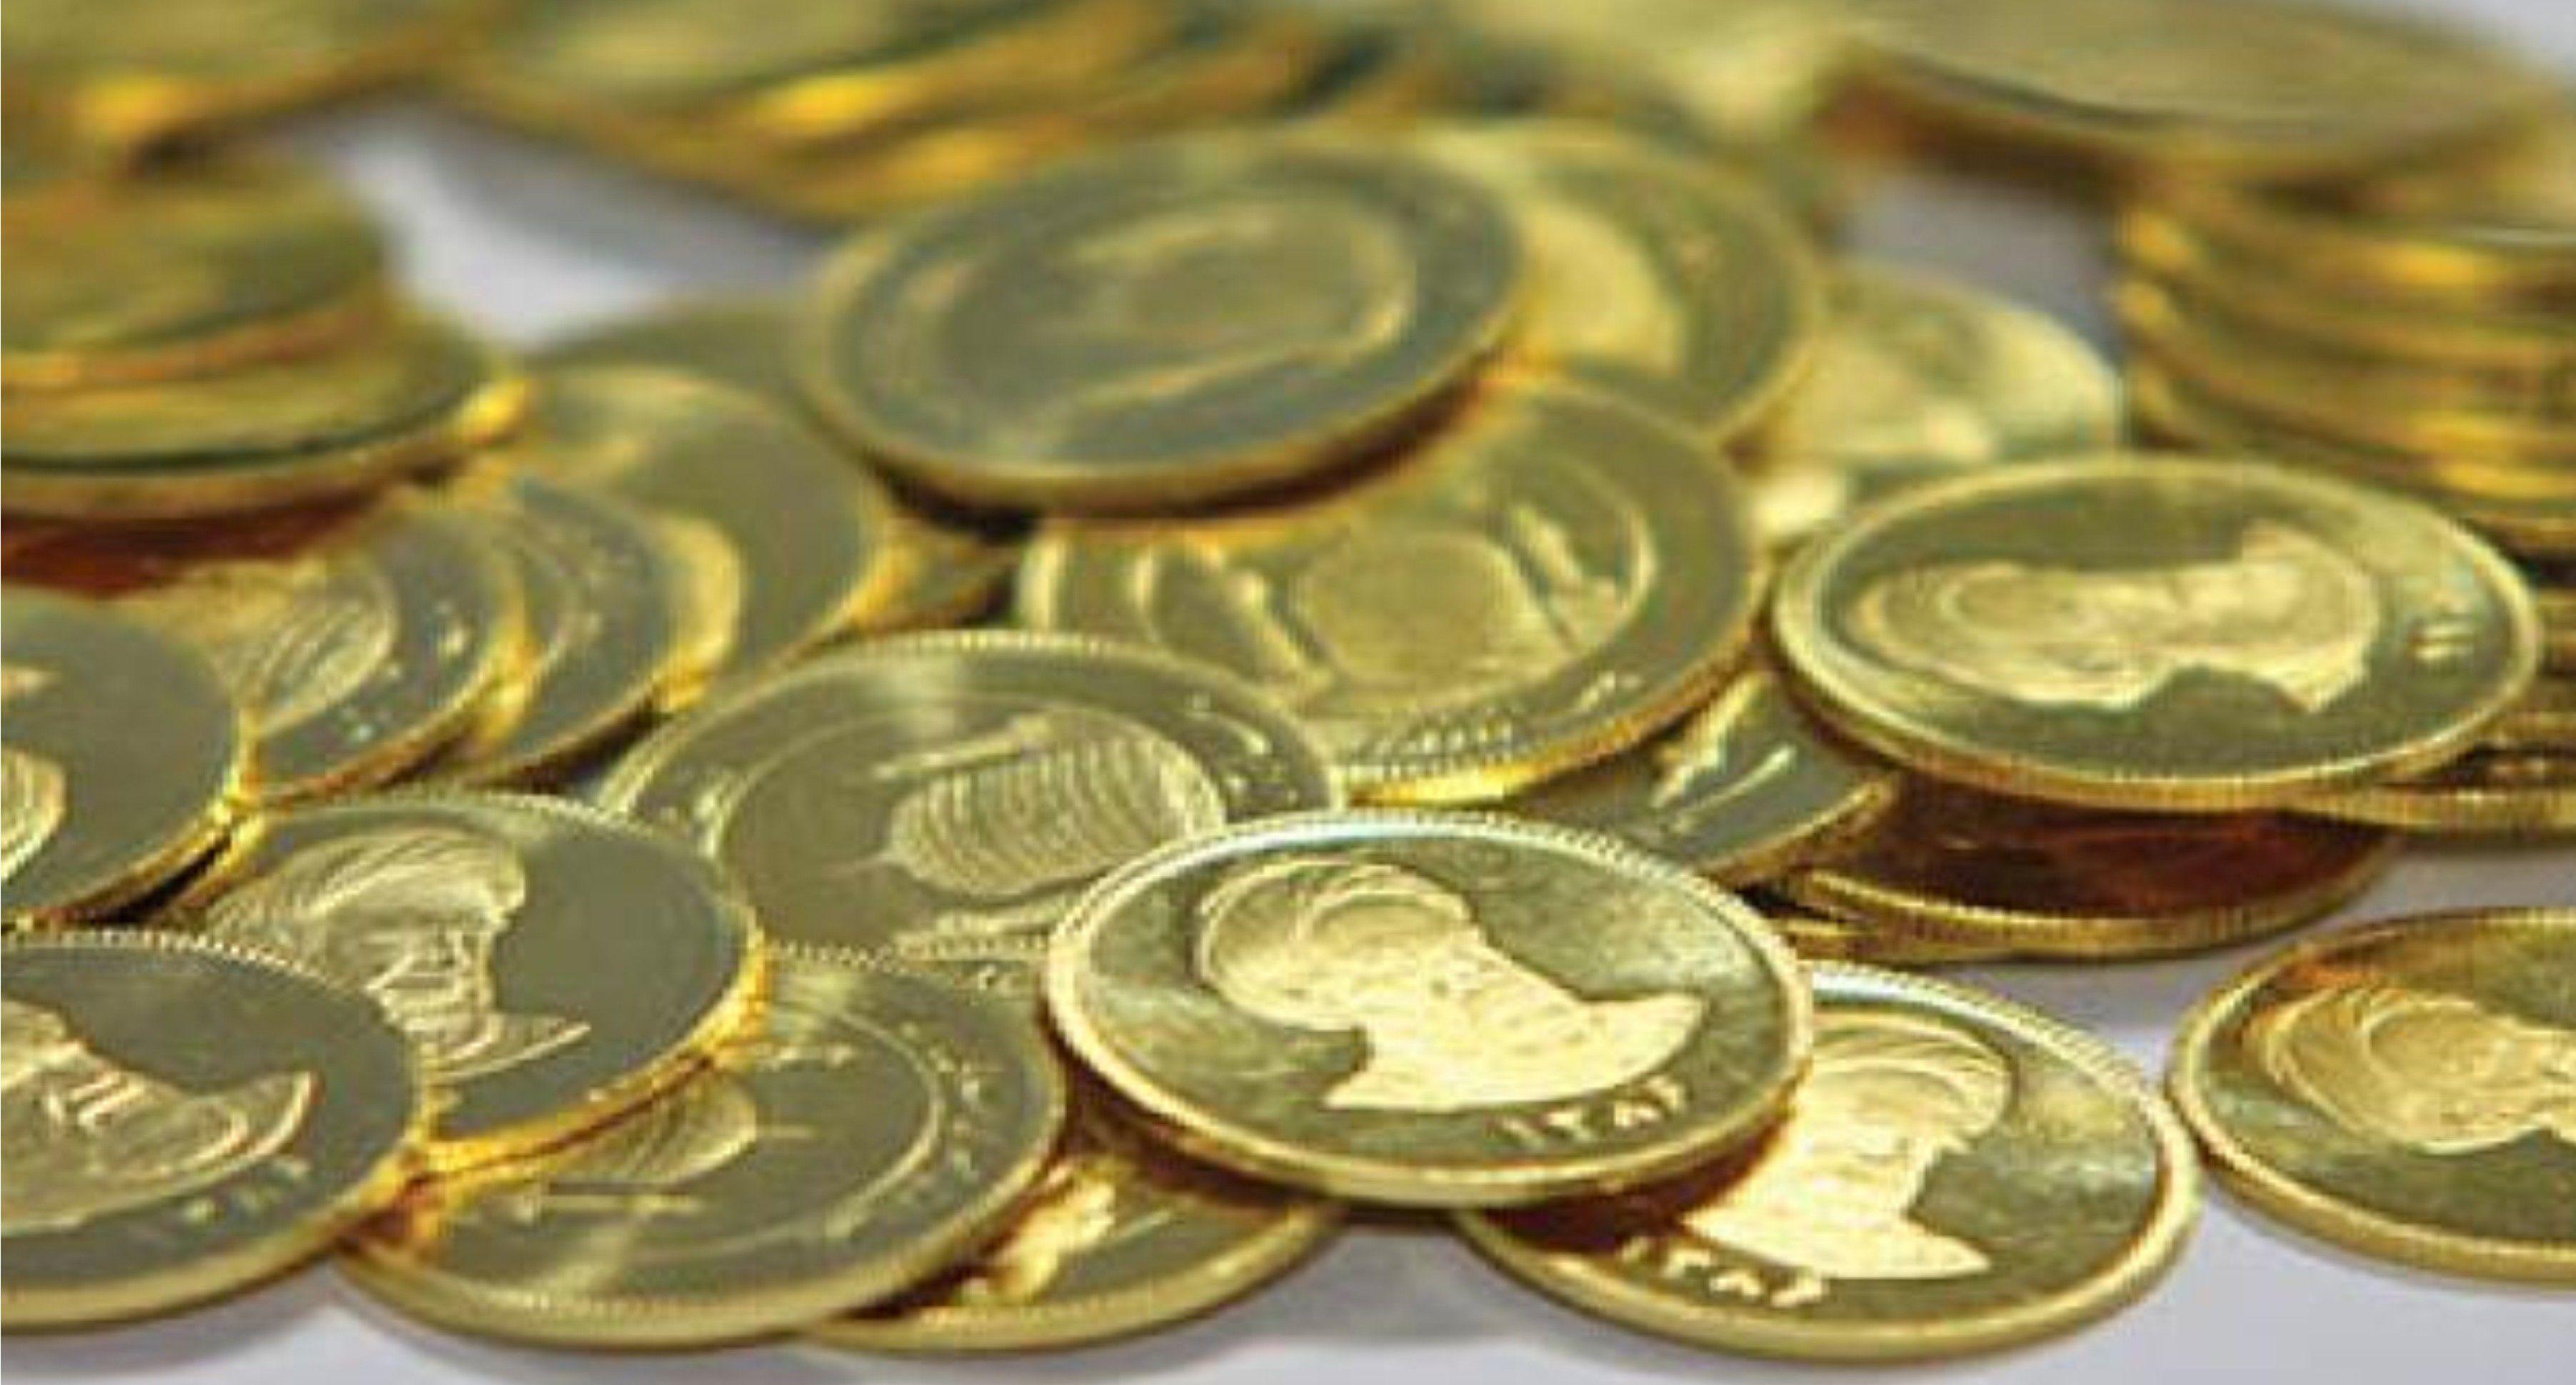 ادامه ریزش قیمت سکه در پی کاهش نرخ دلار و انس جهانی طلا